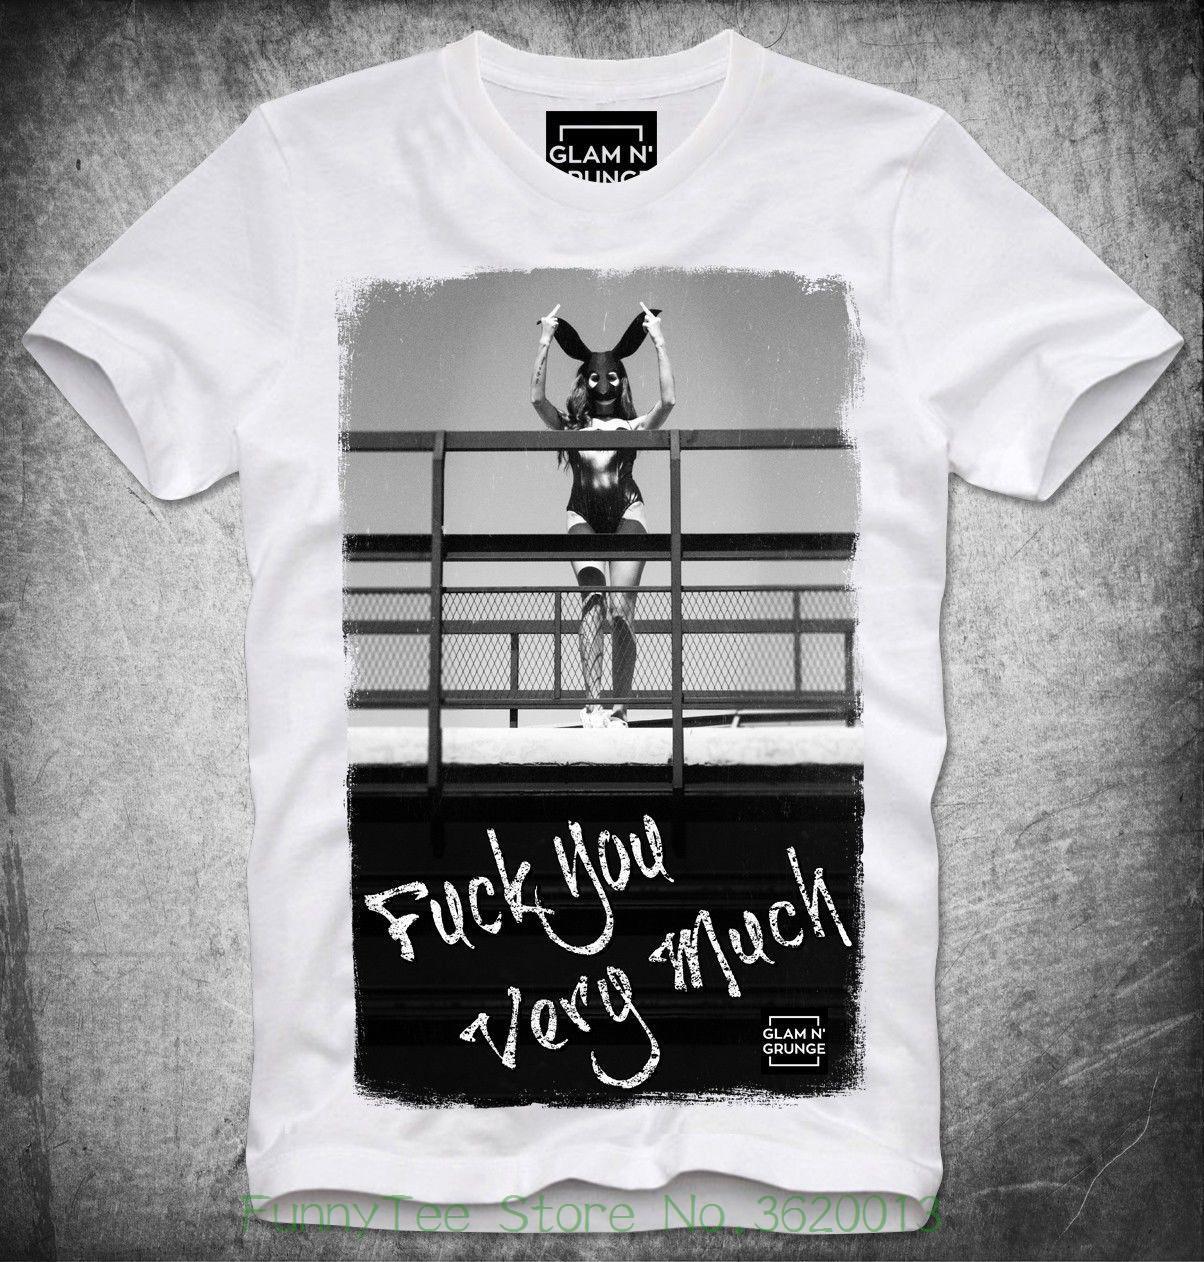 Großhandel Glam N Grunge T Shirt Sexy Mädchen Ficken Sie Sehr Viel